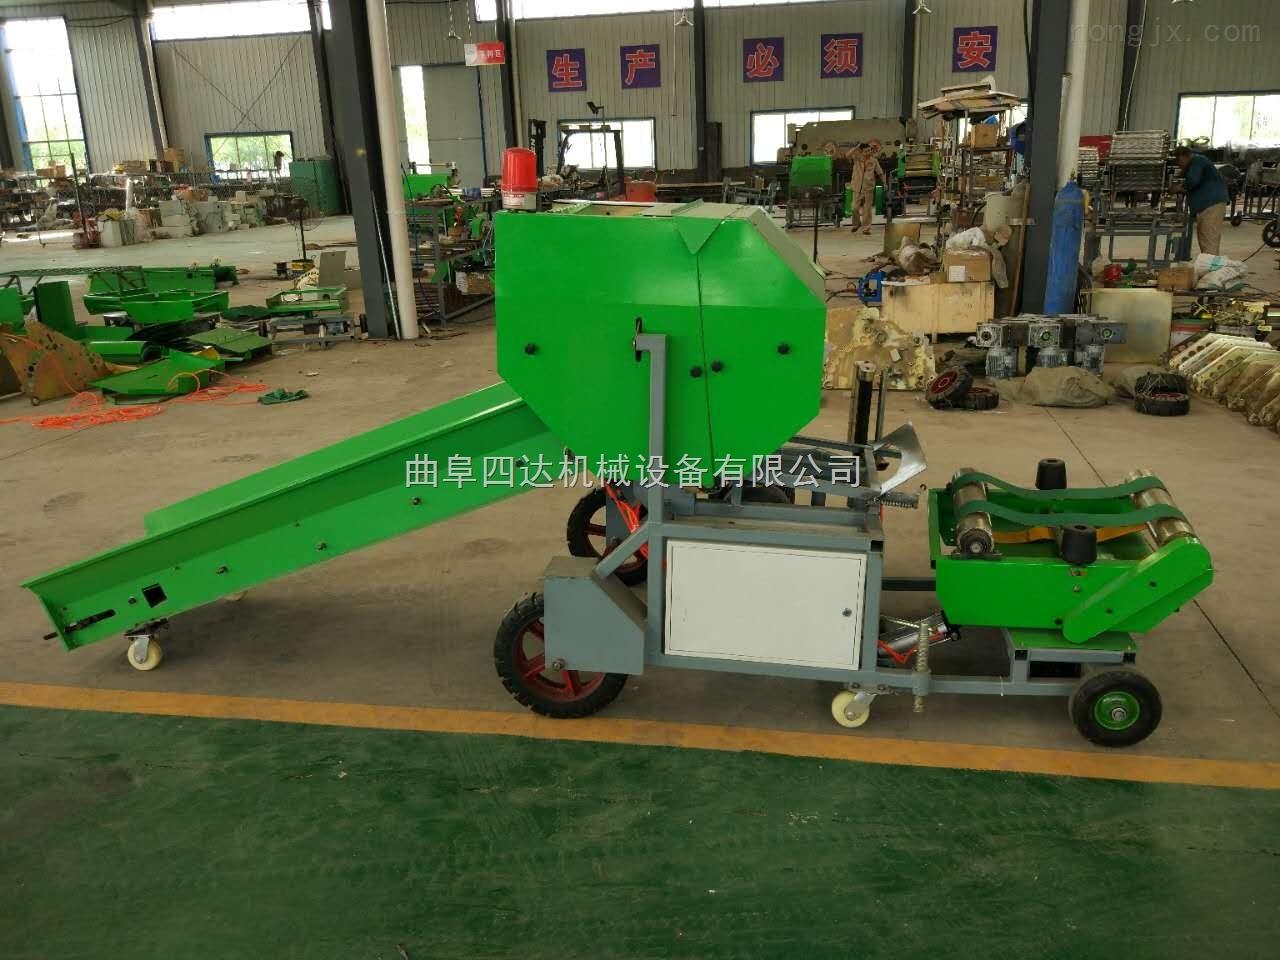 小型全自动玉米秸秆打包机生产定制